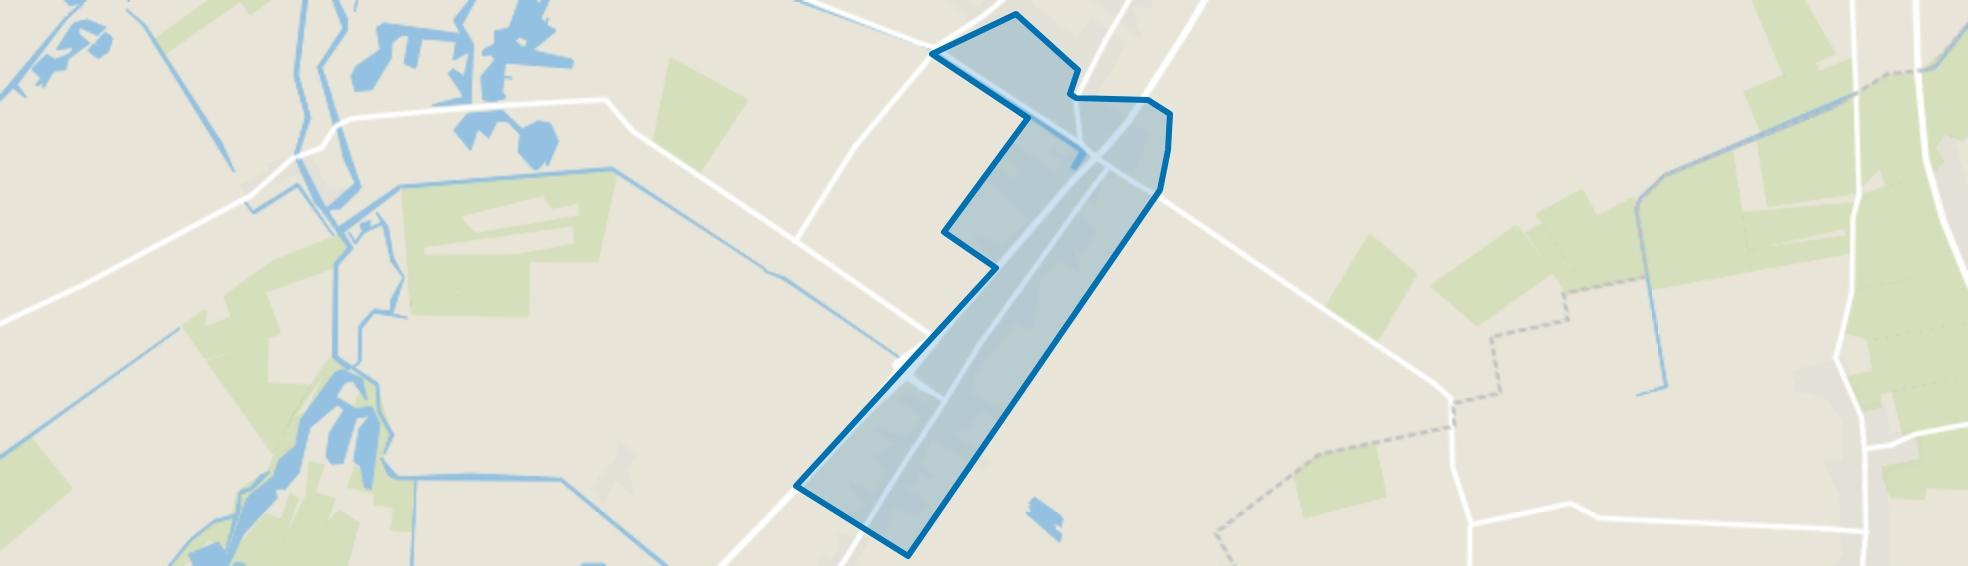 Slochteren, Slochteren map